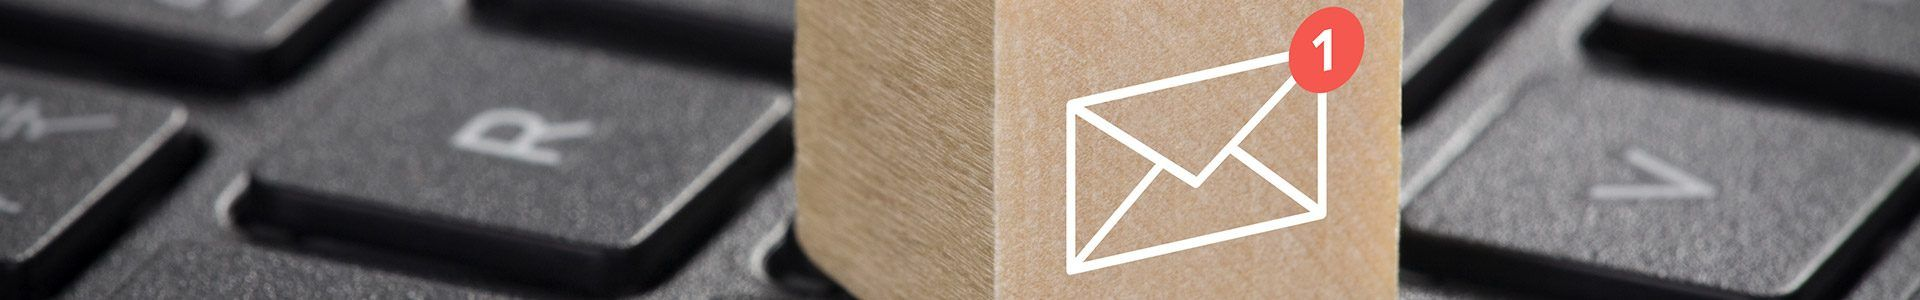 hoe kan e-mailmarketingsoftware de workload verminderen en de efficiëntie verbeteren